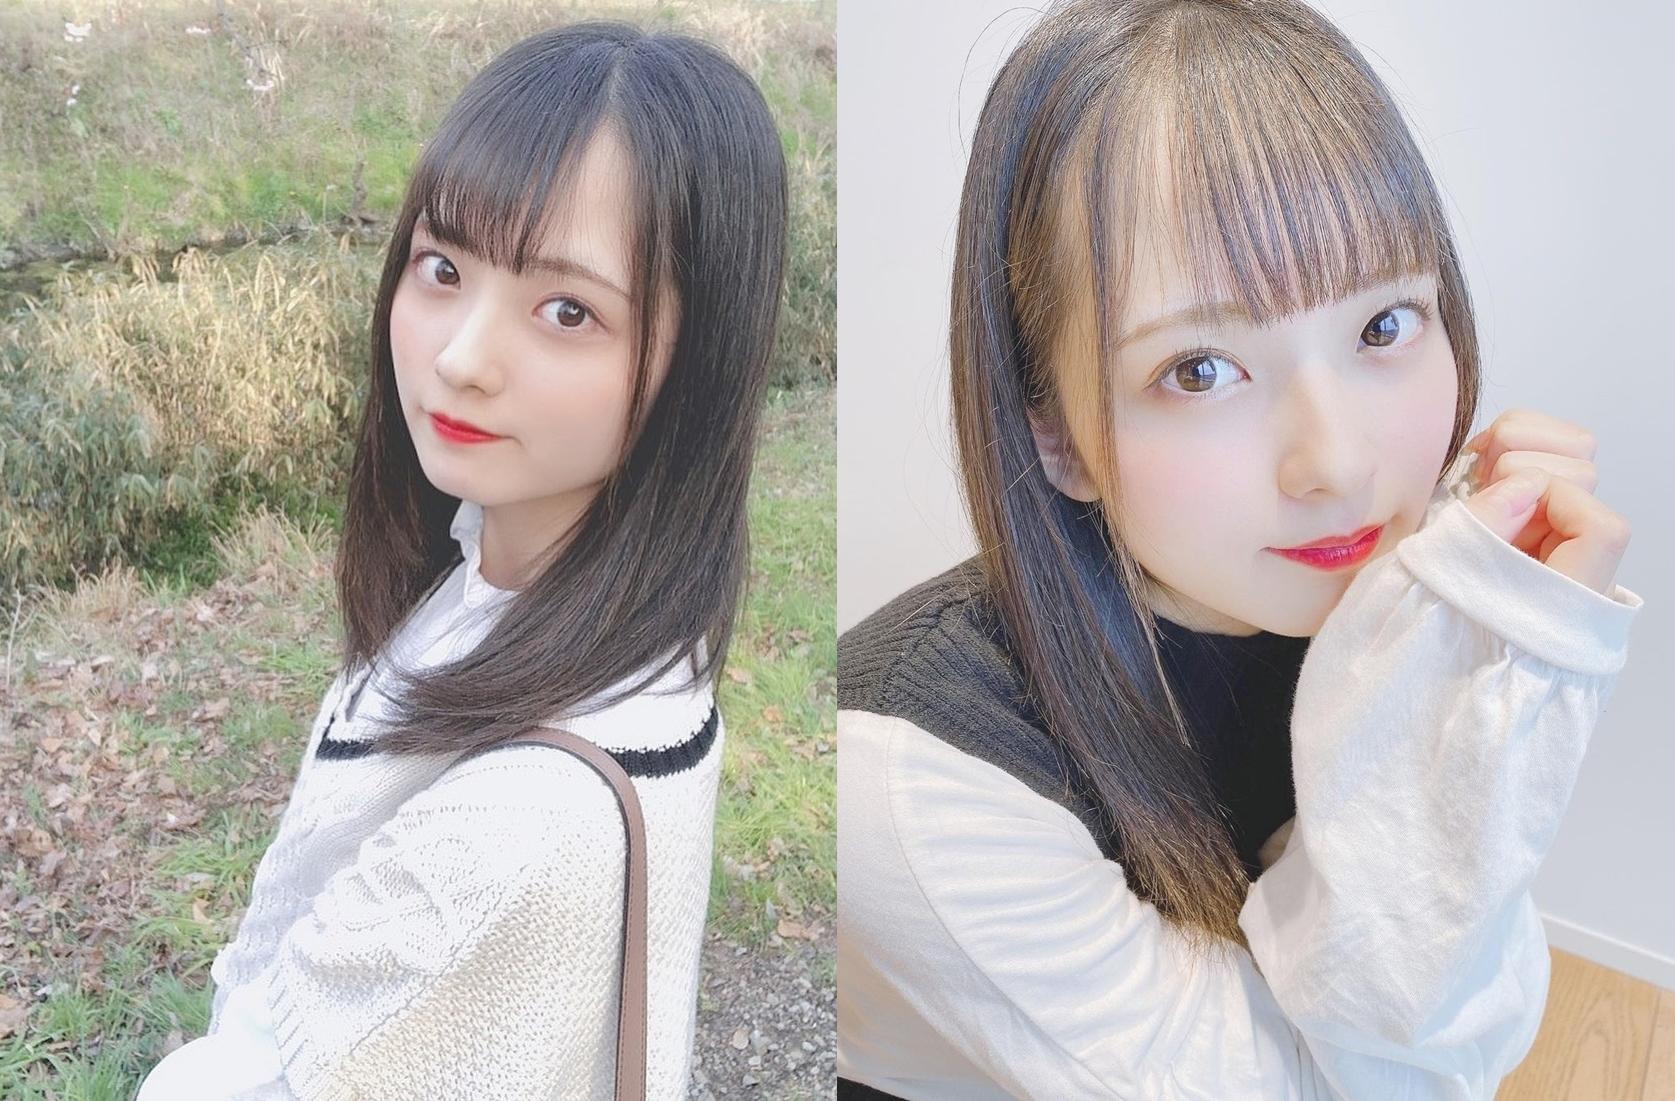 梦幻美少女「水野舞菜」绝美甜笑萌翻粉丝果然可爱即是正义啊!